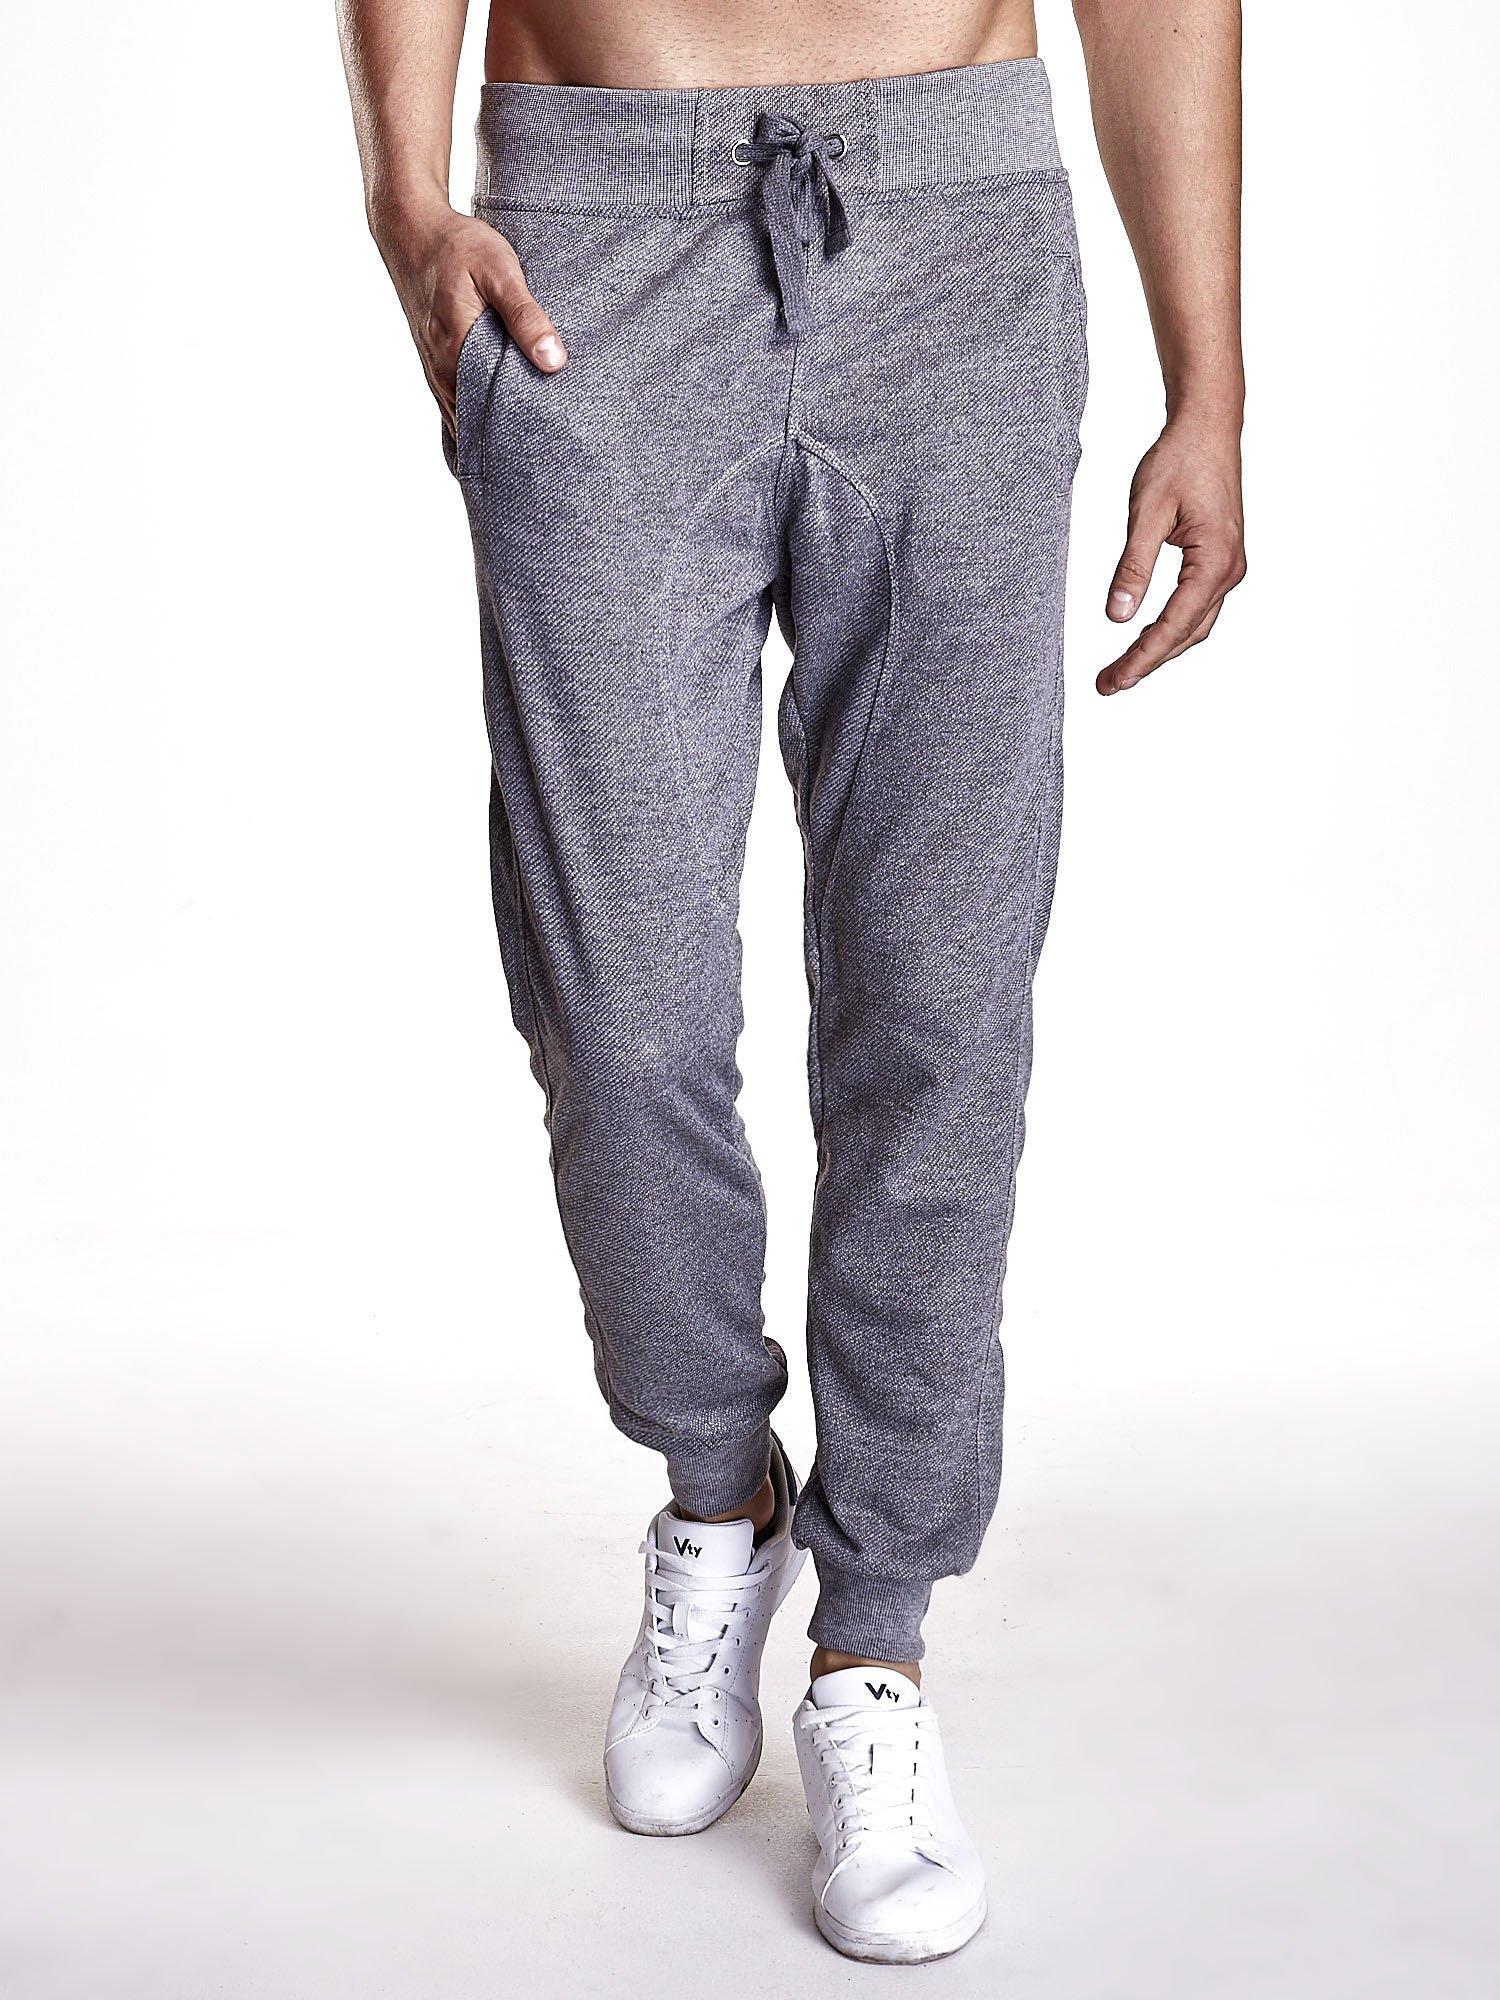 Ciemnoszare melanżowe spodnie męskie z trokami i kieszeniami                                  zdj.                                  1